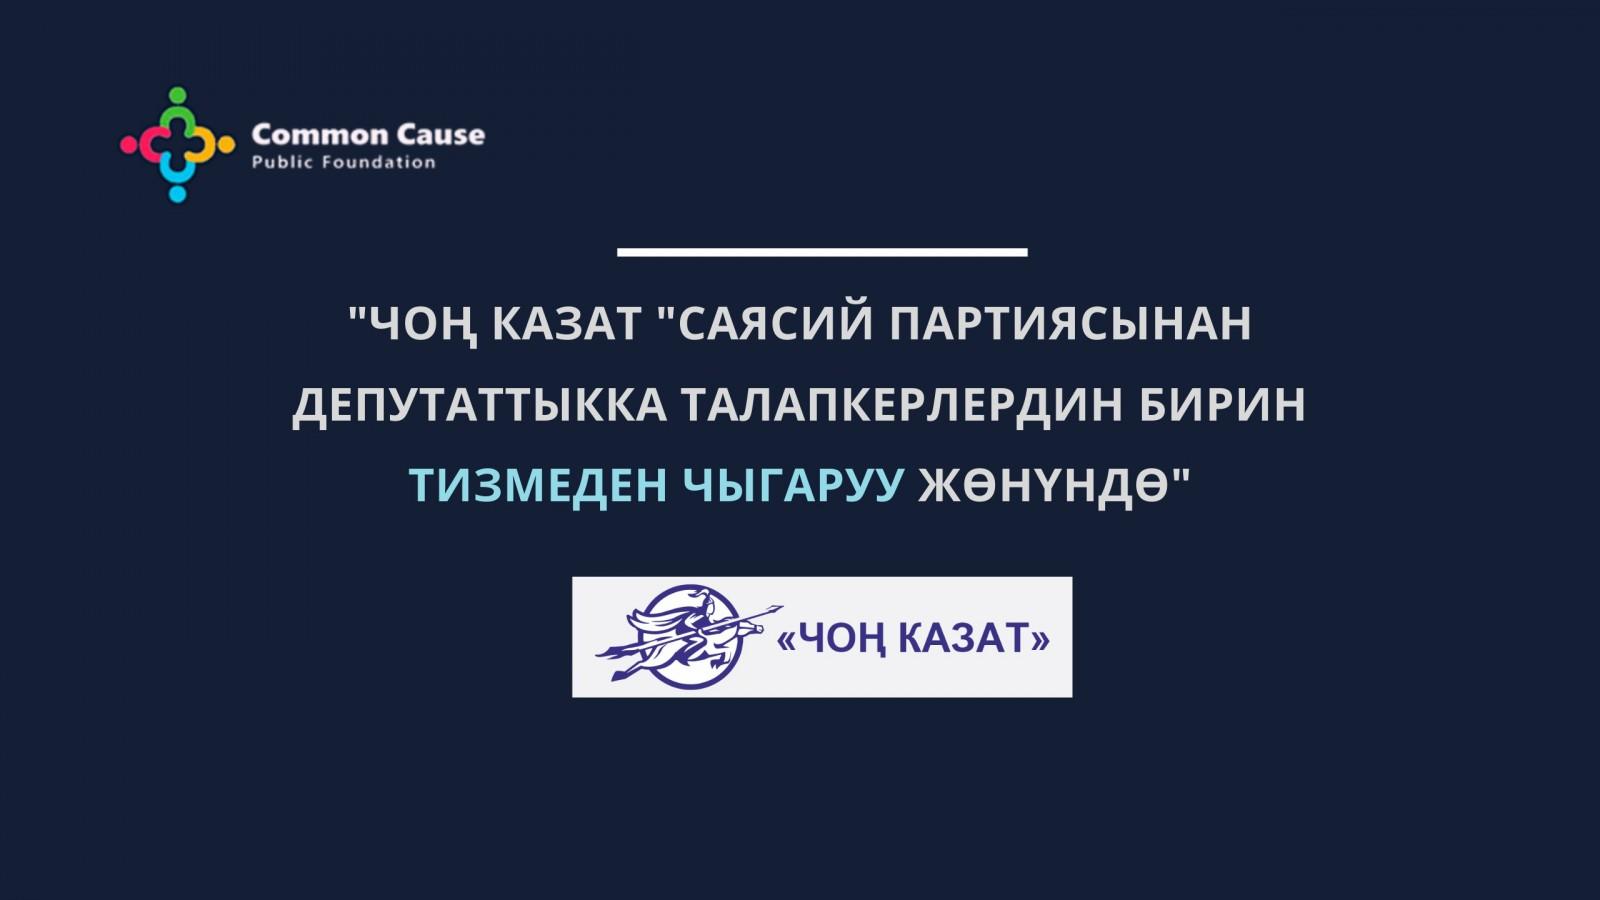 «Чон казат» саясий партиясынан депутаттыкка талапкерлердин бирин тизмеден чыгаруу жөнүндө